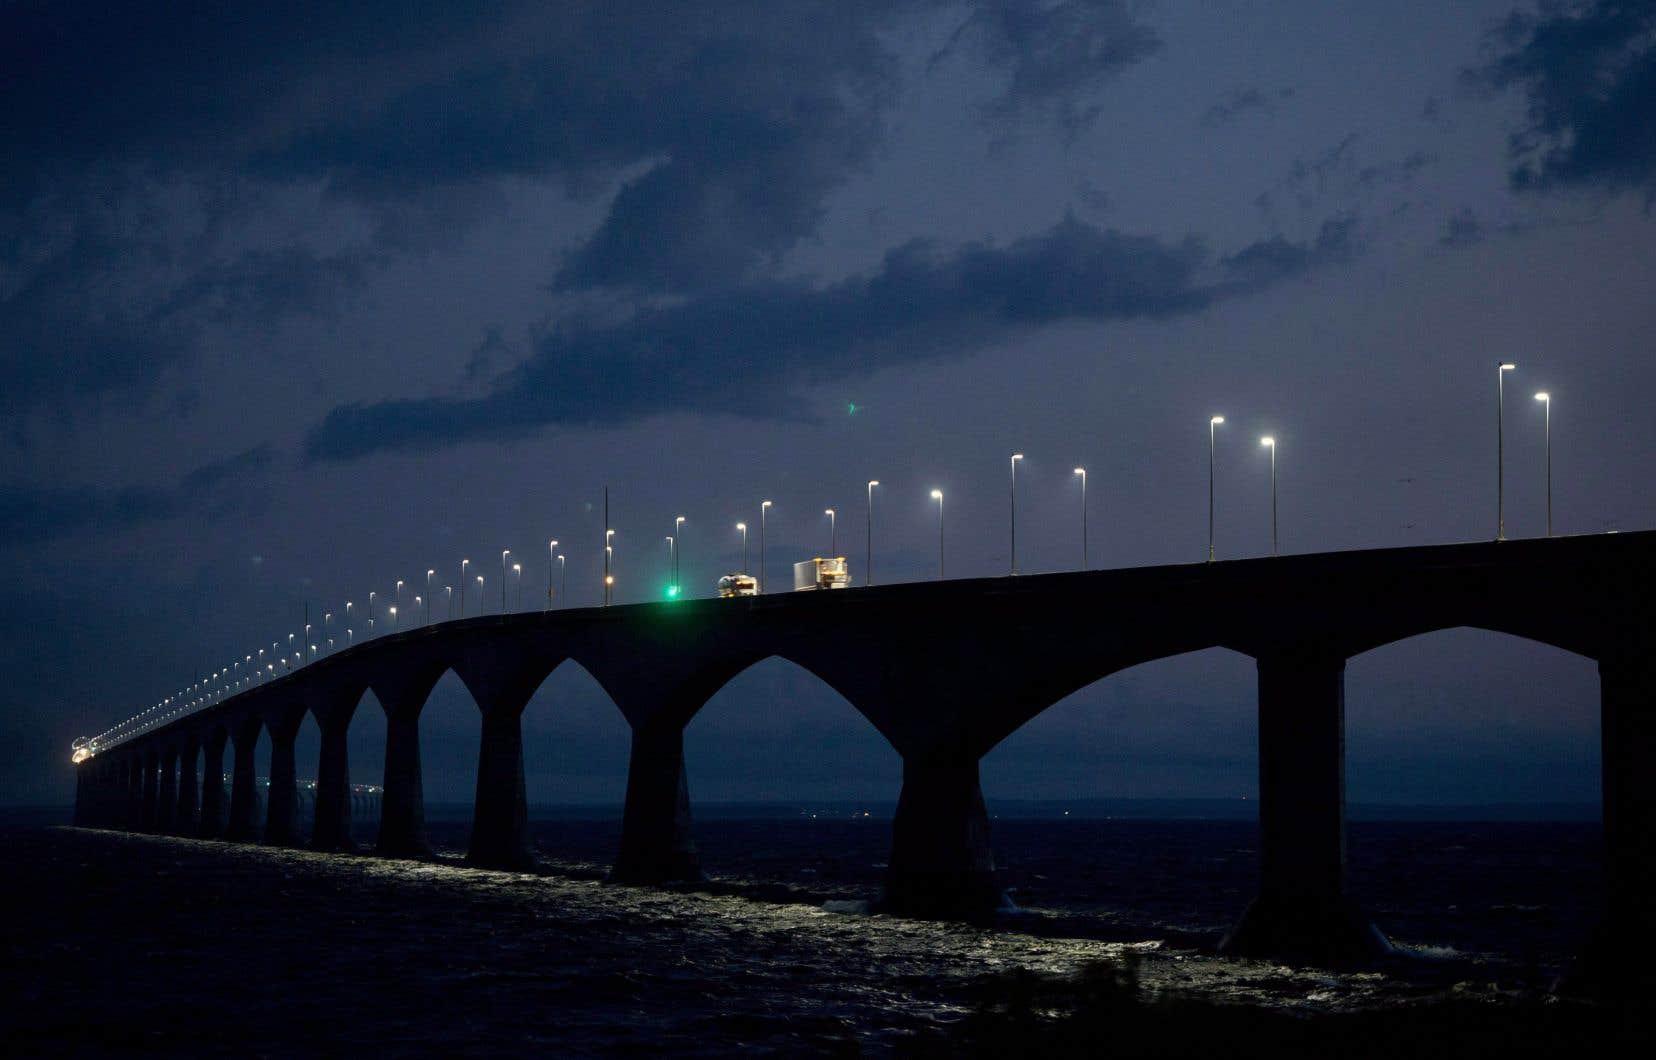 Ottawa a publié un appel d'offres demandant aux sociétés d'ingénierie d'évaluer comment les changements climatiques et les conditions météorologiques extrêmes affecteront certaines des principales gares maritimes, aéroports et le pont de la Confédération.